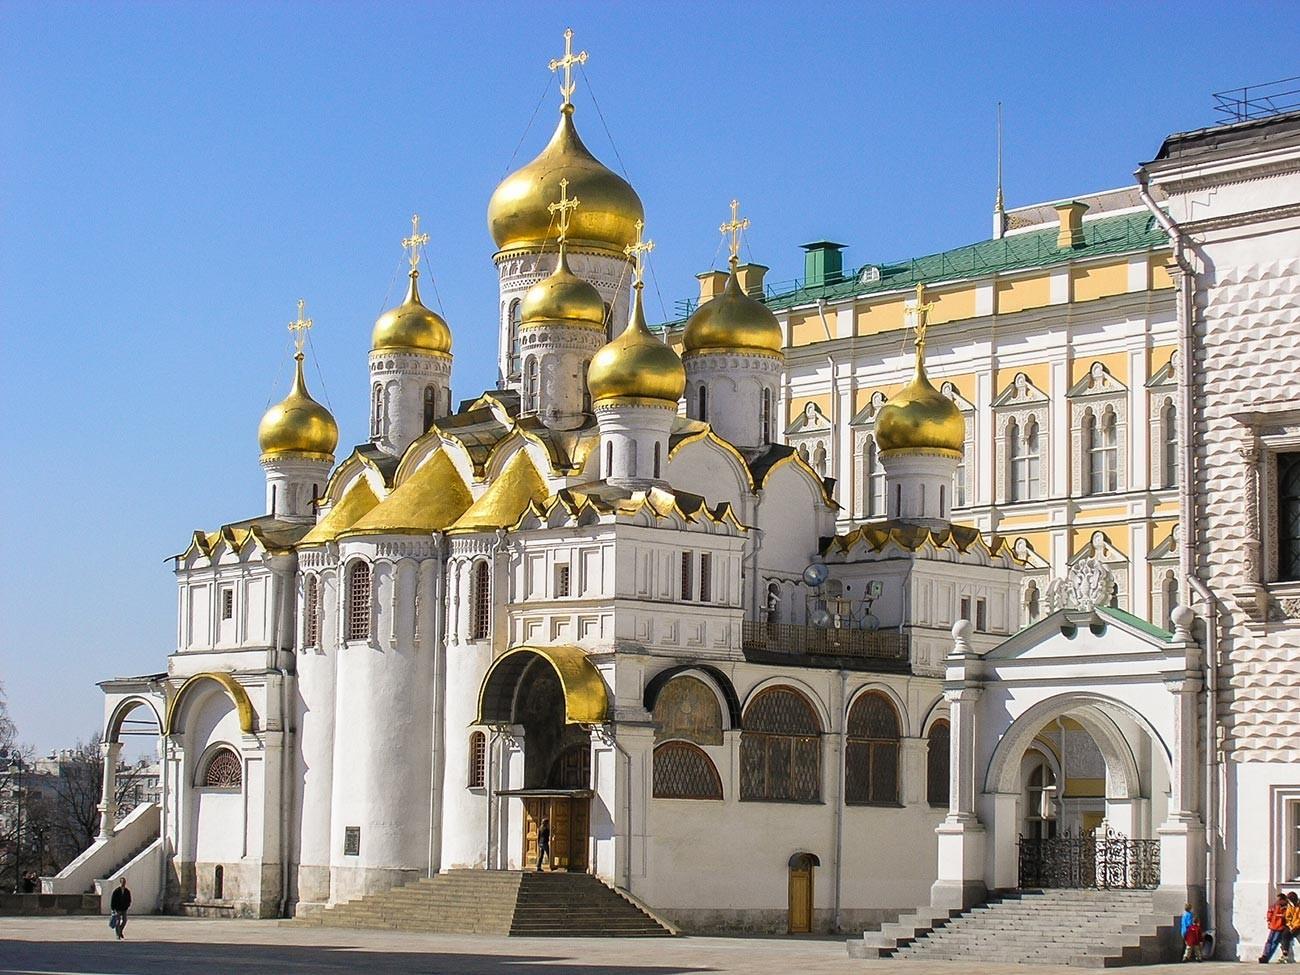 Katedral Blagoveschensky di dalam Kremlin Moskow.